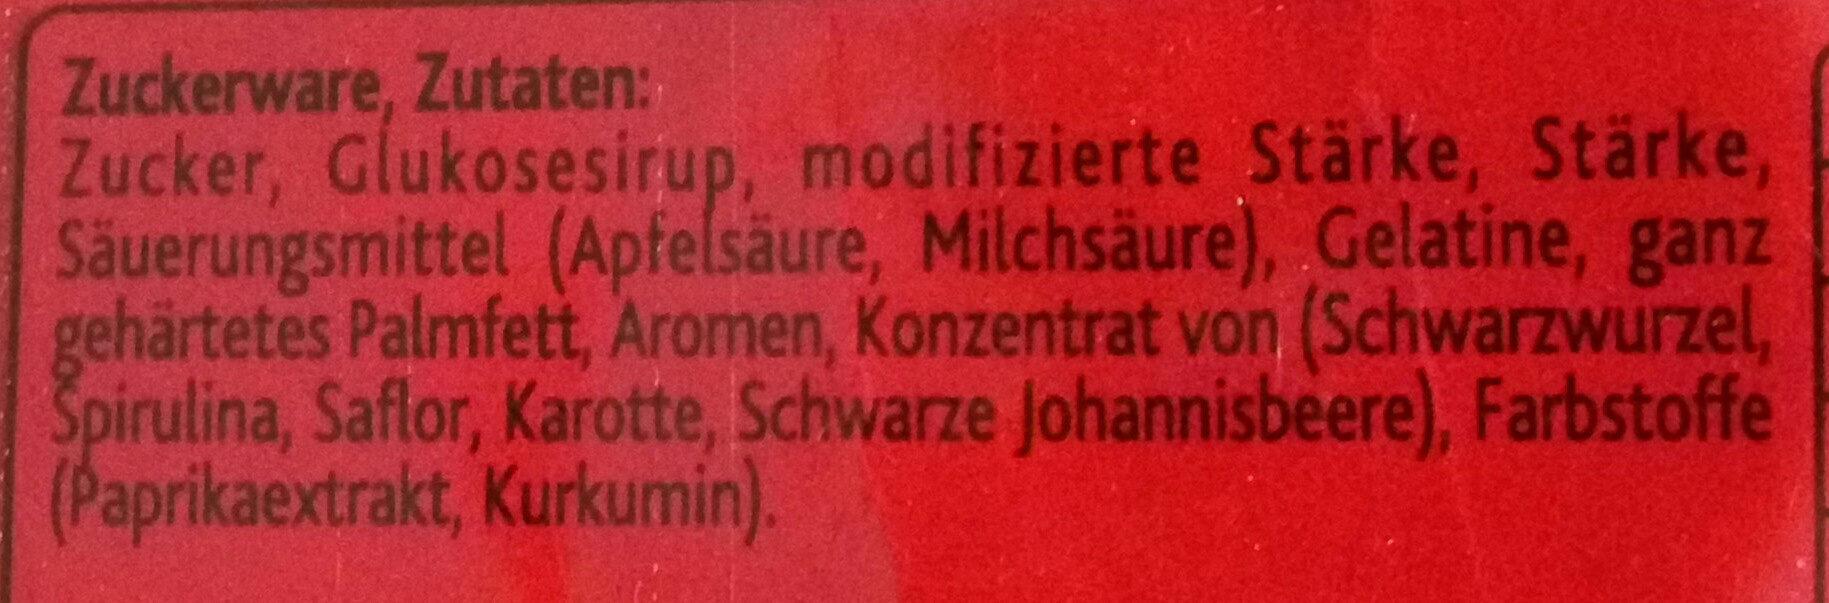 Gummi Stäbchen super sauer - Zutaten - de